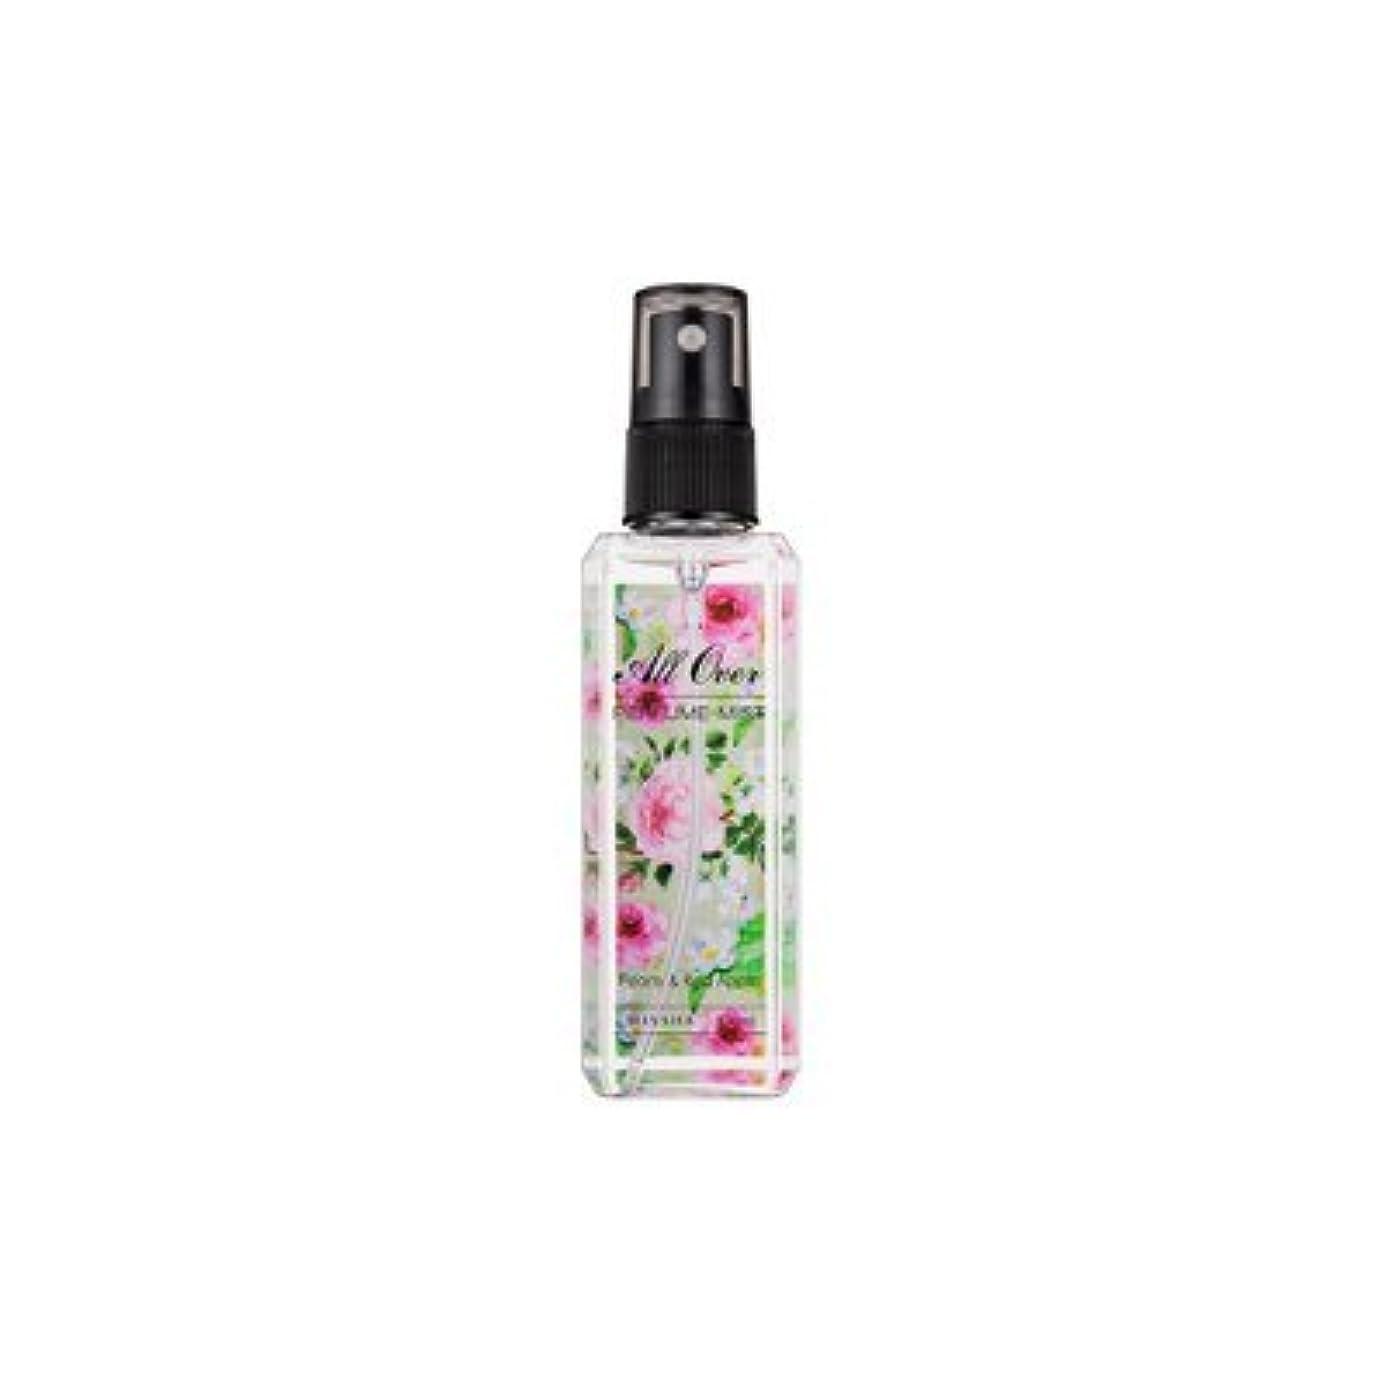 足音大きいサイトラインMISSHA All Over Perfumed Mist (Peony & Red Apple)/ ミシャ オールオーバーパフュームミスト (Peony & Red Apple) [並行輸入品]